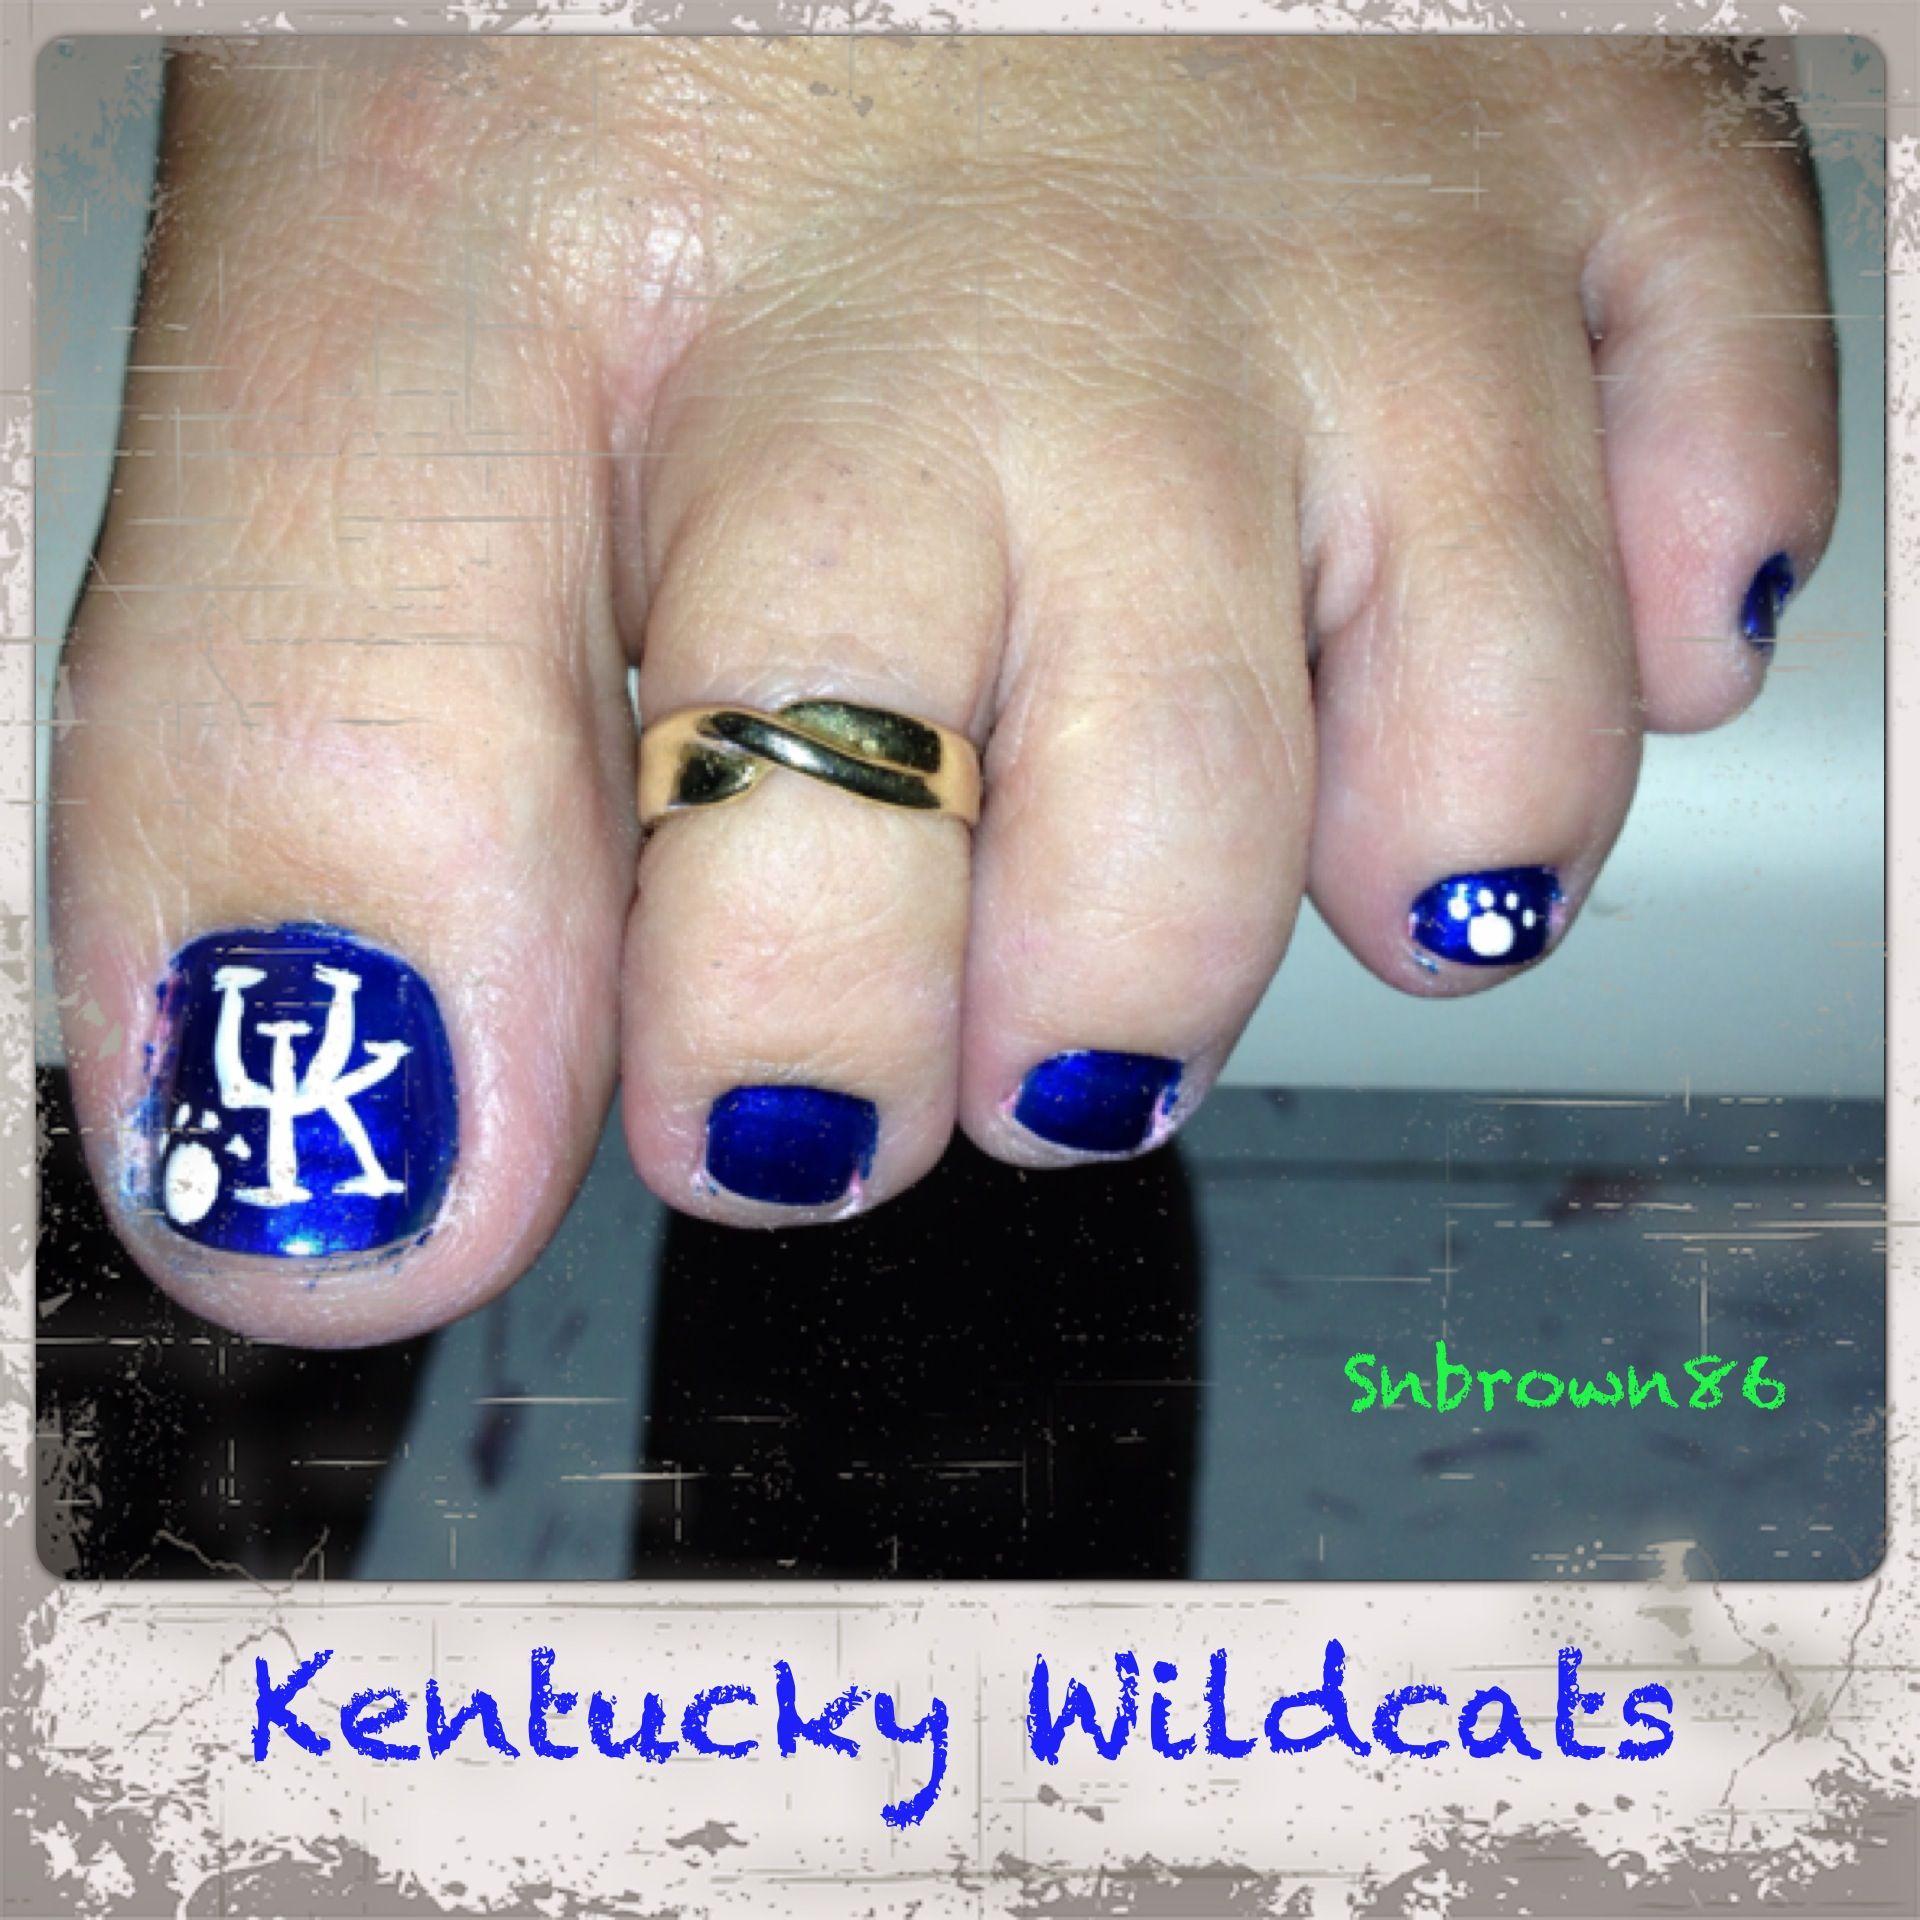 Kentucky Wildcat toe nails   Nail Art   Pinterest   Kentucky